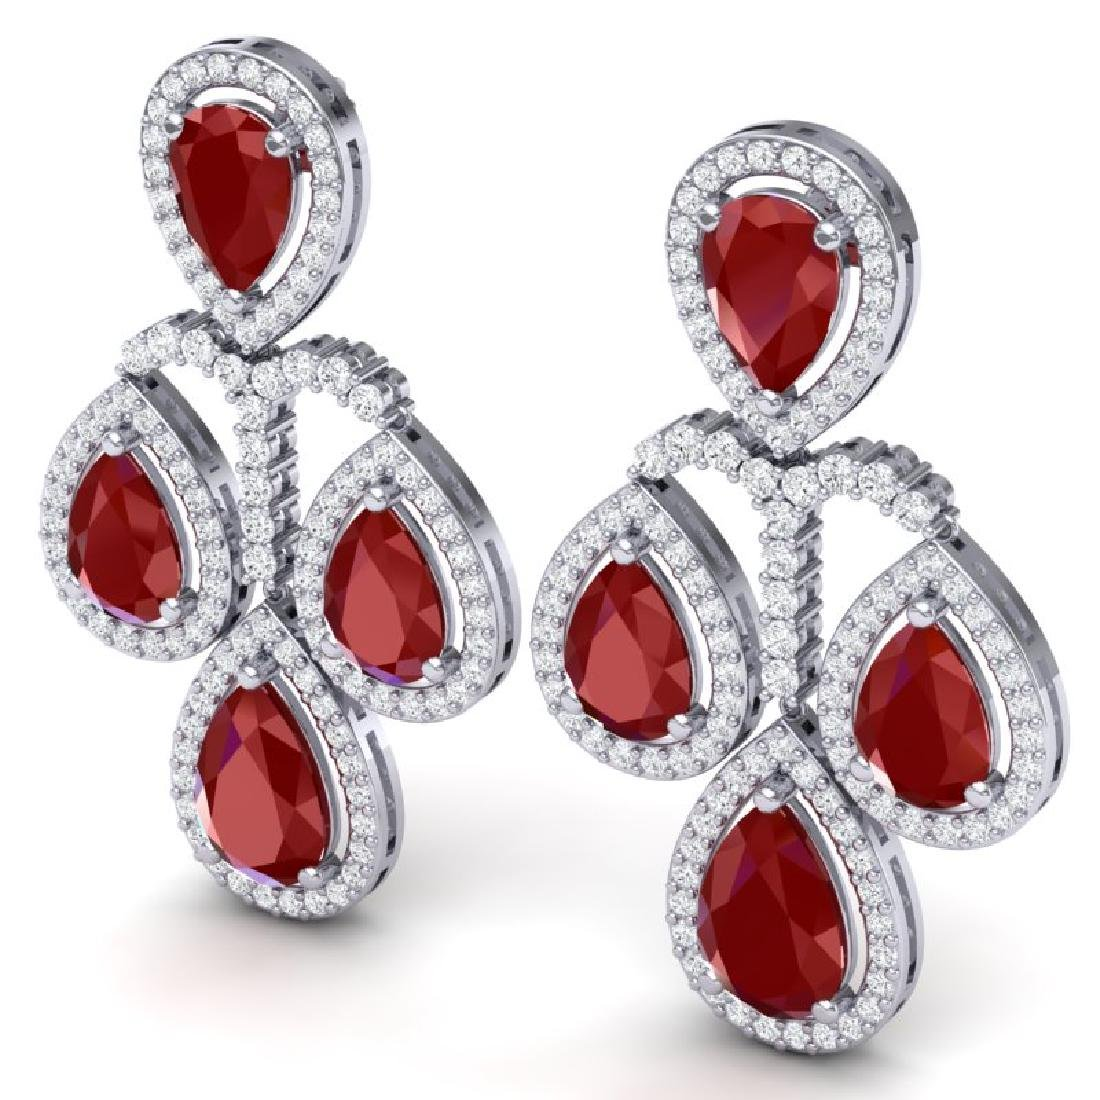 29.23 CTW Royalty Designer Ruby & VS Diamond Earrings - 2